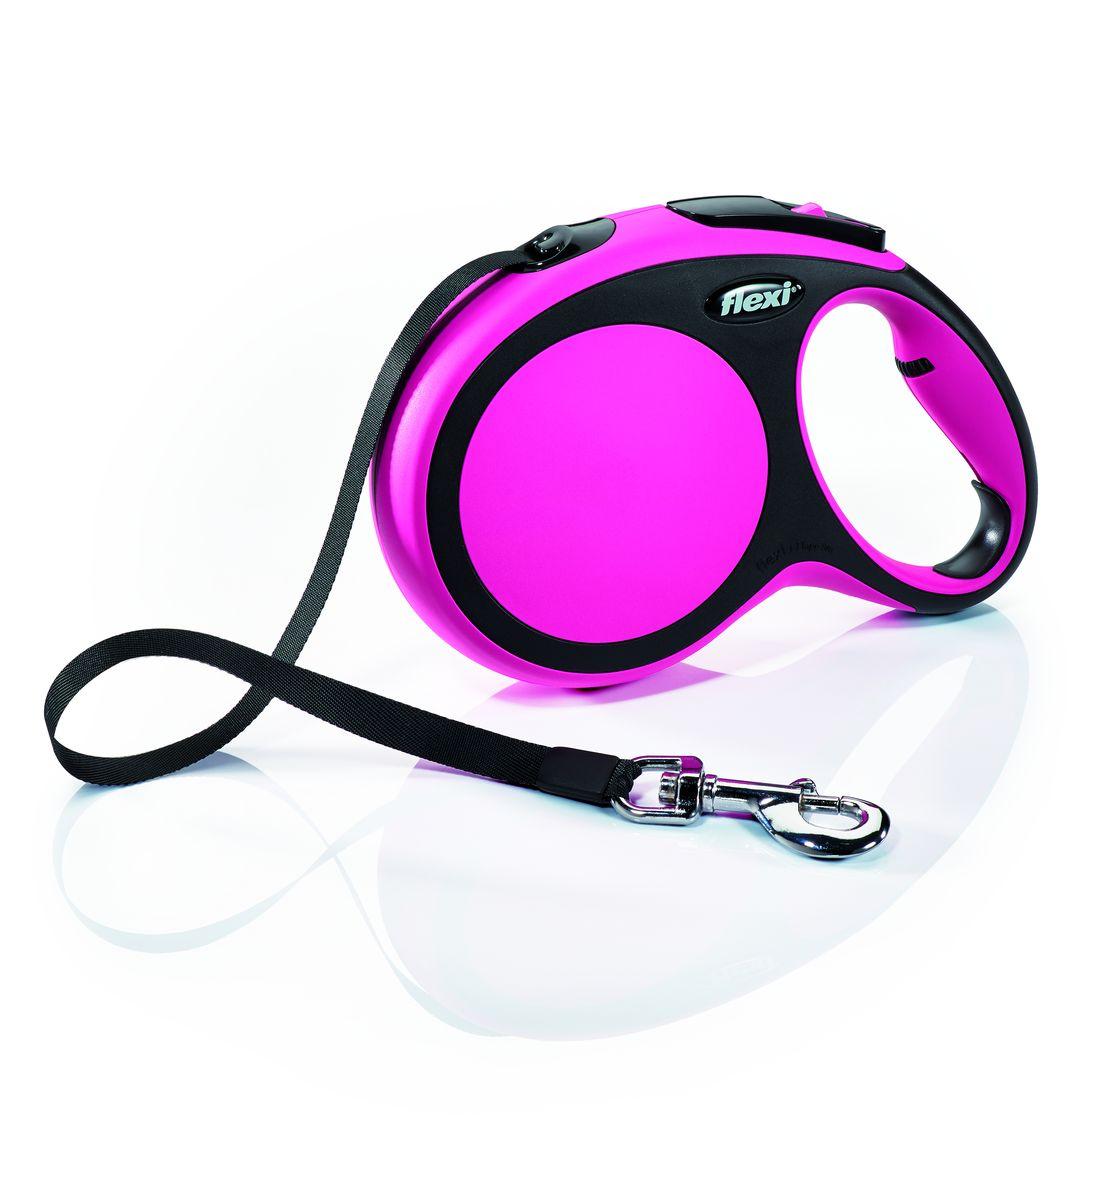 Поводок-рулетка Flexi New Comfort L, лента, для собак весом до 50 кг, цвет: черный, розовый, 8 м28414Ленточный поводок-рулетка обеспечивает собаке свободу движения, что идет на пользу здоровью и радует вашего четвероногого друга. Рулетка очень проста в использовании. Оснащена кнопками кратковременной и постоянной фиксации. Рулетку можно оснастить - мультибоксом для лакомств или пакетиков для сбора фекалий, LED подсветкой корпуса.Прочный корпус, хромированная застежка и светоотражающие элементы.Лента поводка автоматически сматывается и поводок в процессе использования не провисает, не касается грунта и таким образом не пачкается и не перетирается. Поводок не нужно подбирать руками когда питомец подошел ближе, таким образом ваши руки всегда чистые.На рукоятке имеется регулировка размера для адаптации под размер рукиМаксимальный вес питомца: 50 кгДлина: 8 м